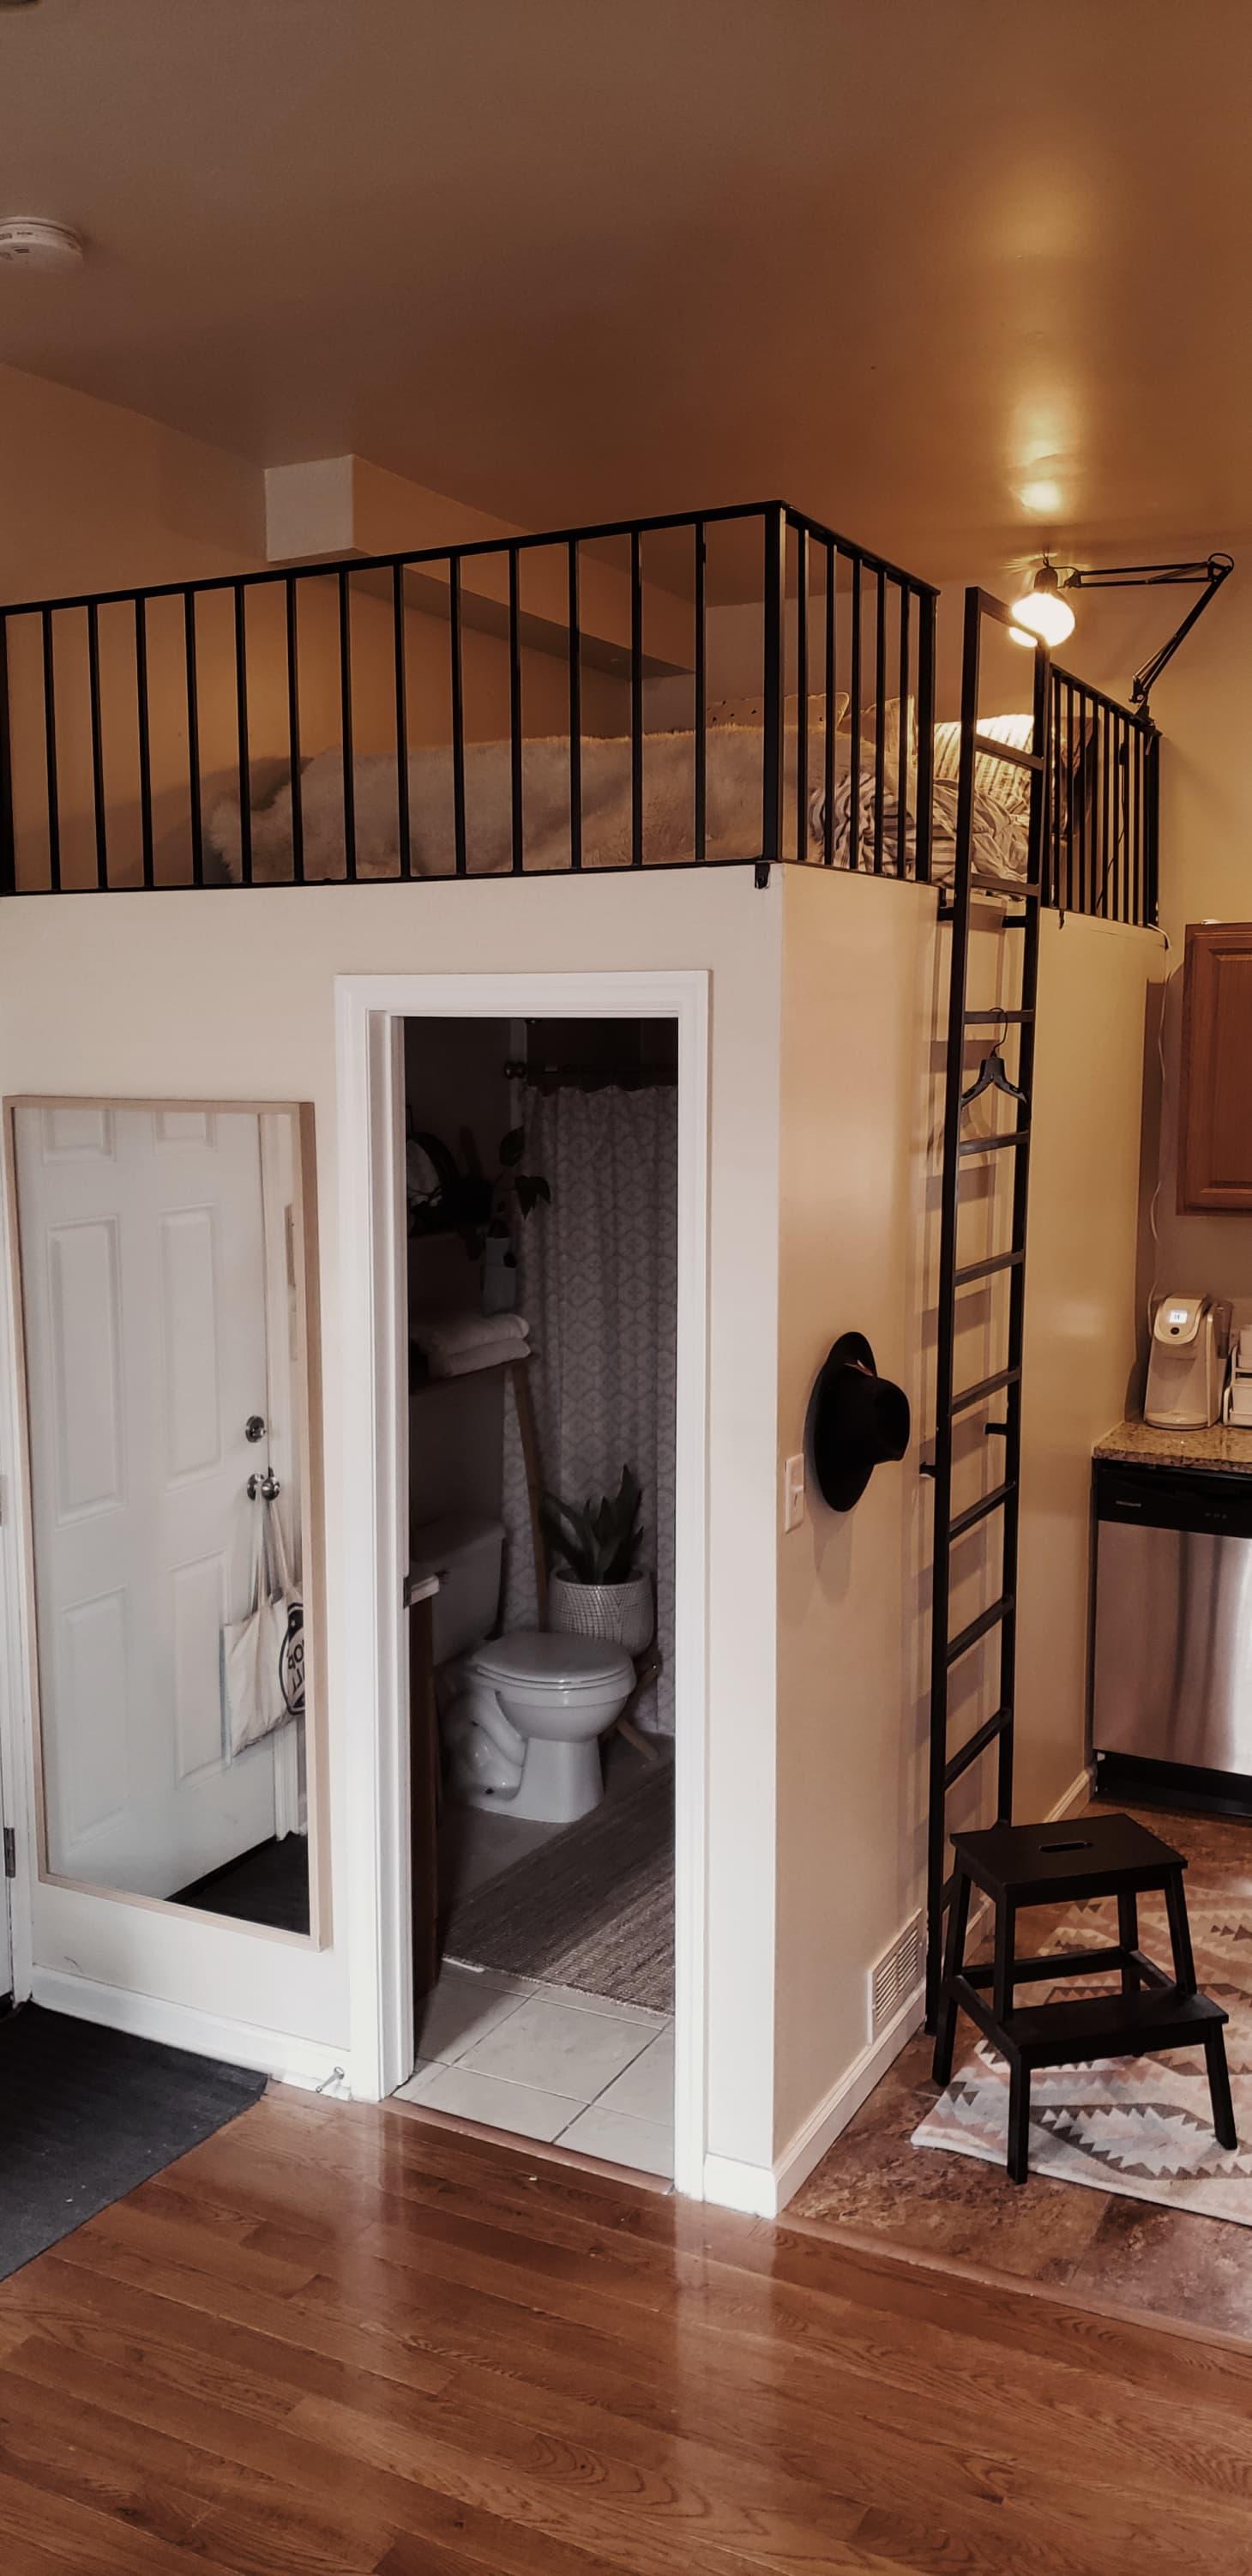 275 Square Feet Studio Apartment Decor Ideas Apartment